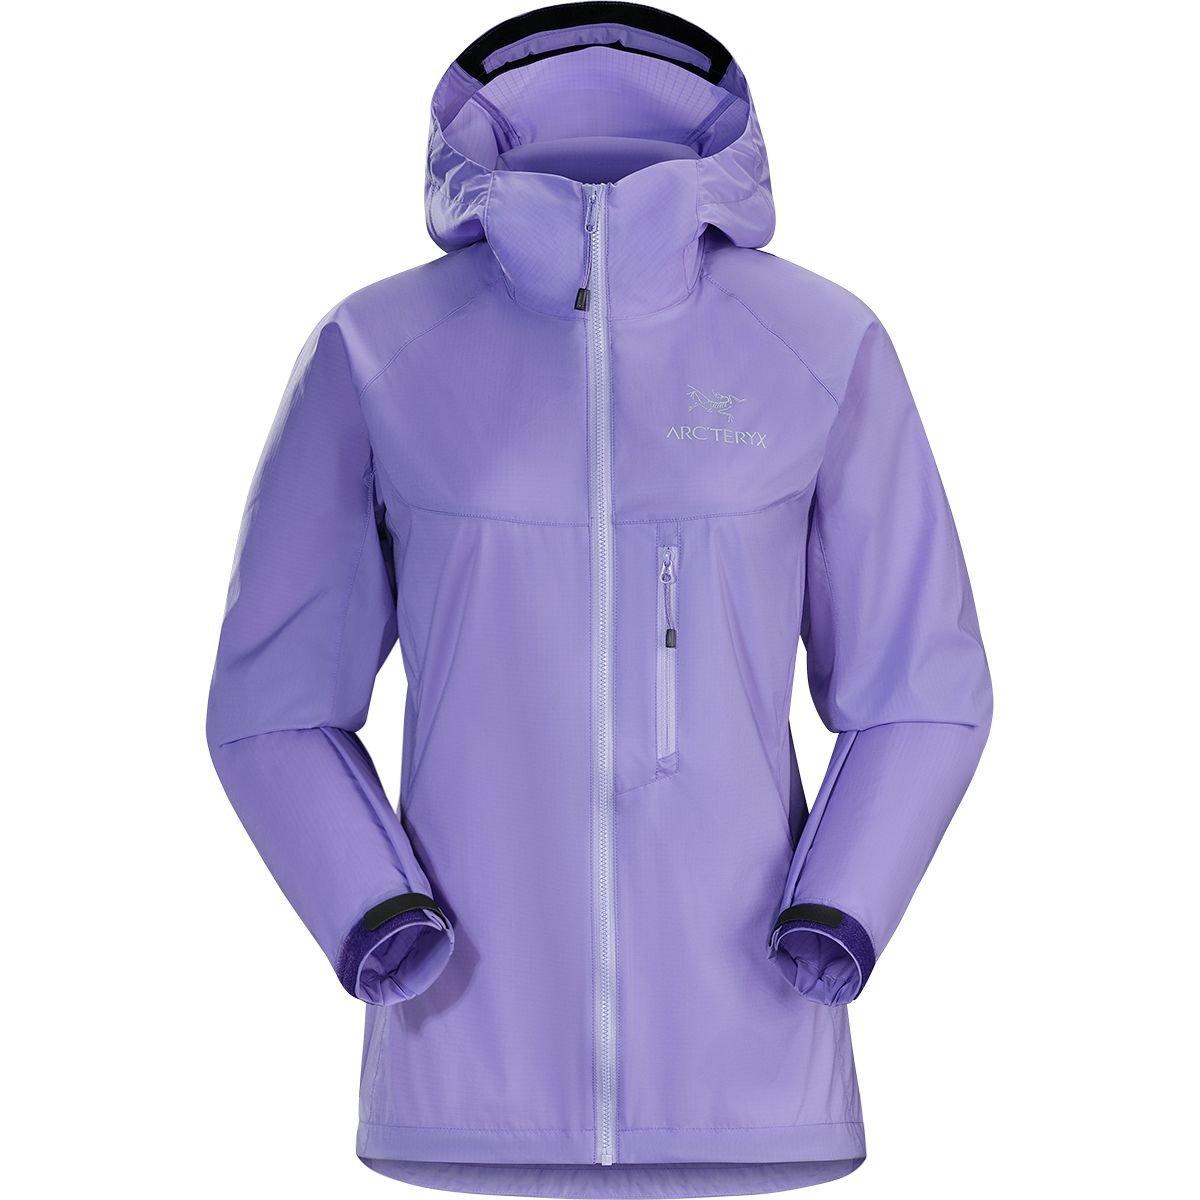 (アークテリクス) Arc'teryx Squamish Hooded Jacket レディース ジャケットHyacinth [並行輸入品] L Hyacinth B07GFBV73F